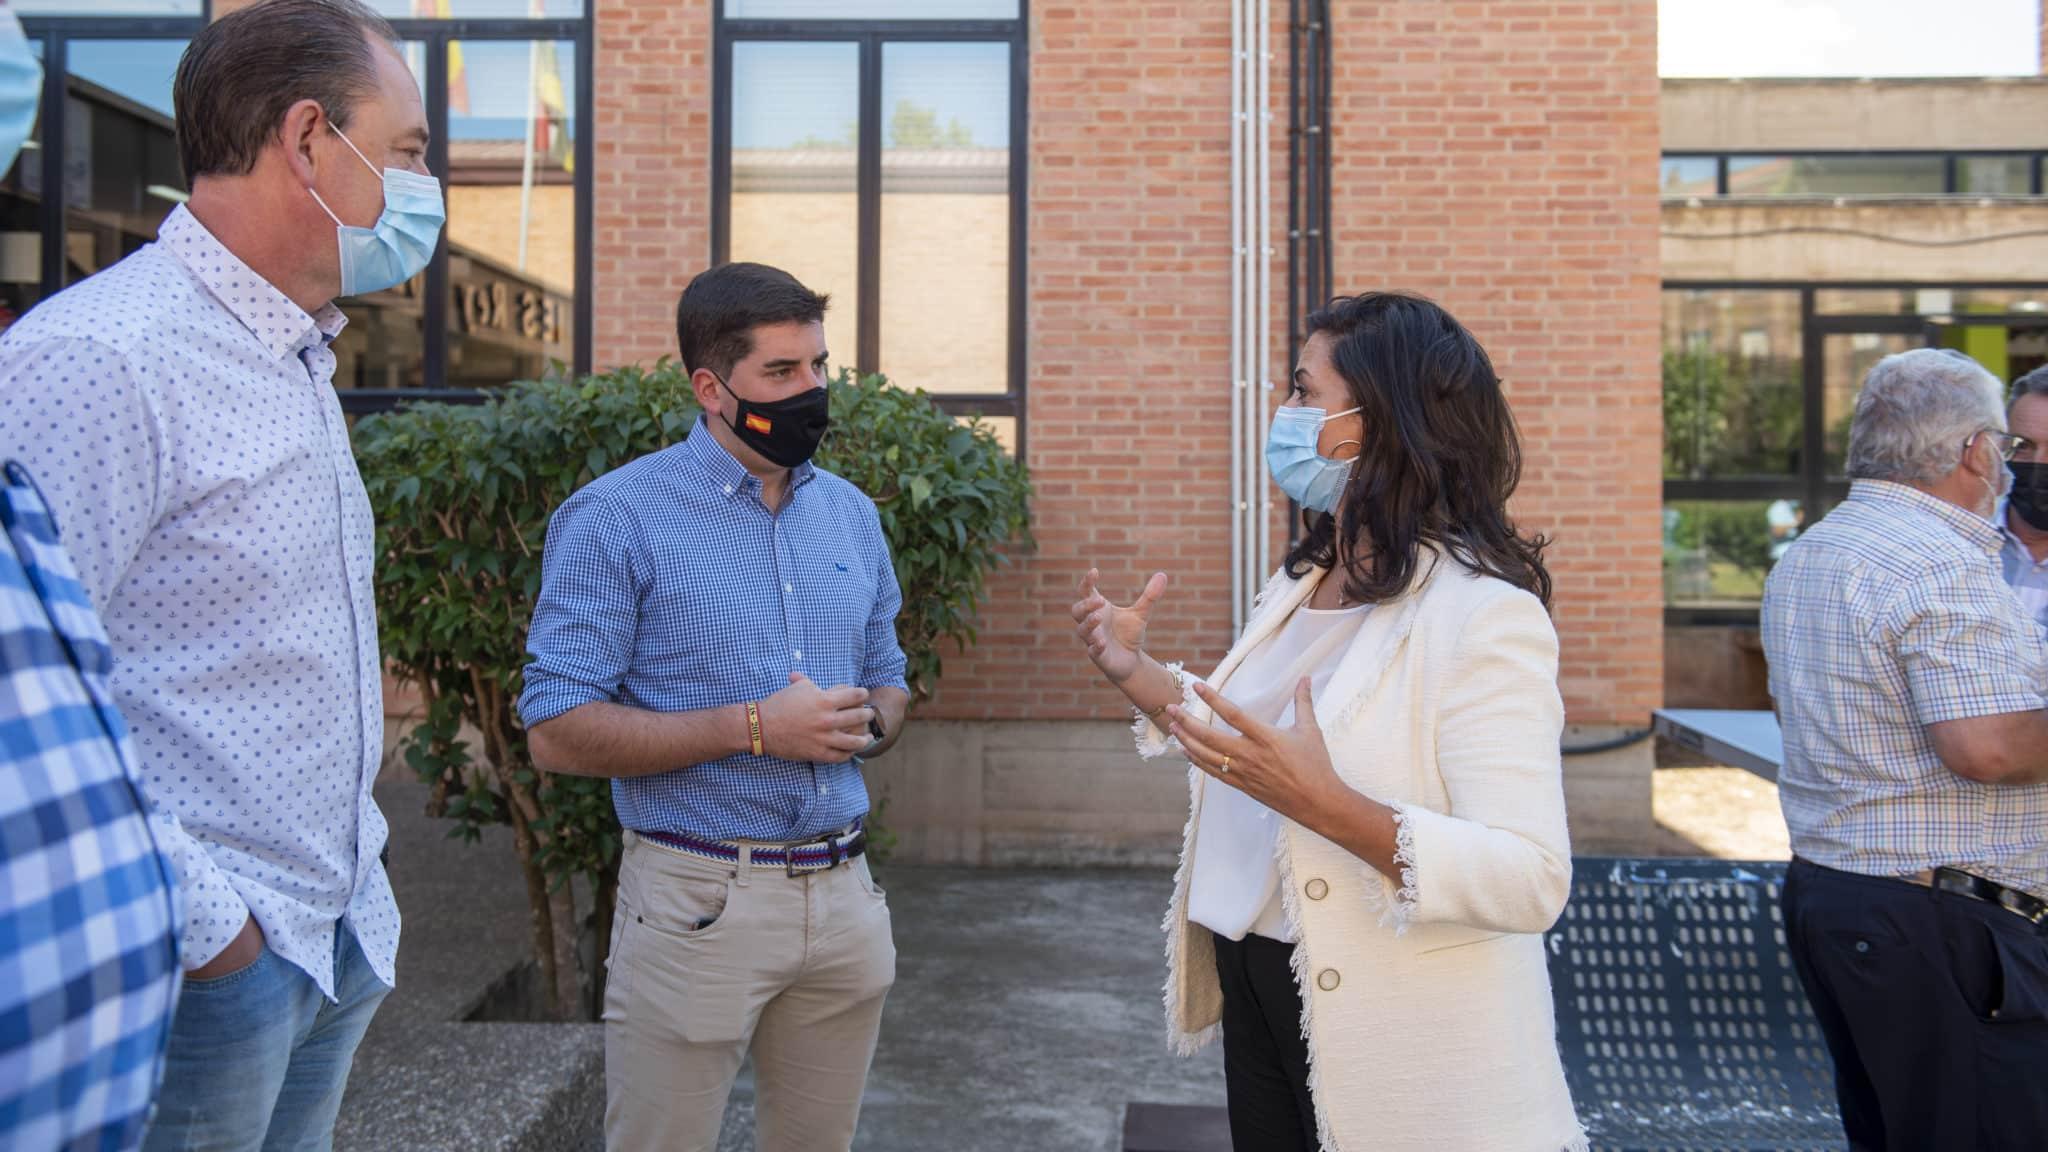 """Andreu preside en Nájera una reunión con centros educativos y alcaldes: """"La pandemia no puede hipotecar la Educación de nuestros hijos"""" 1"""